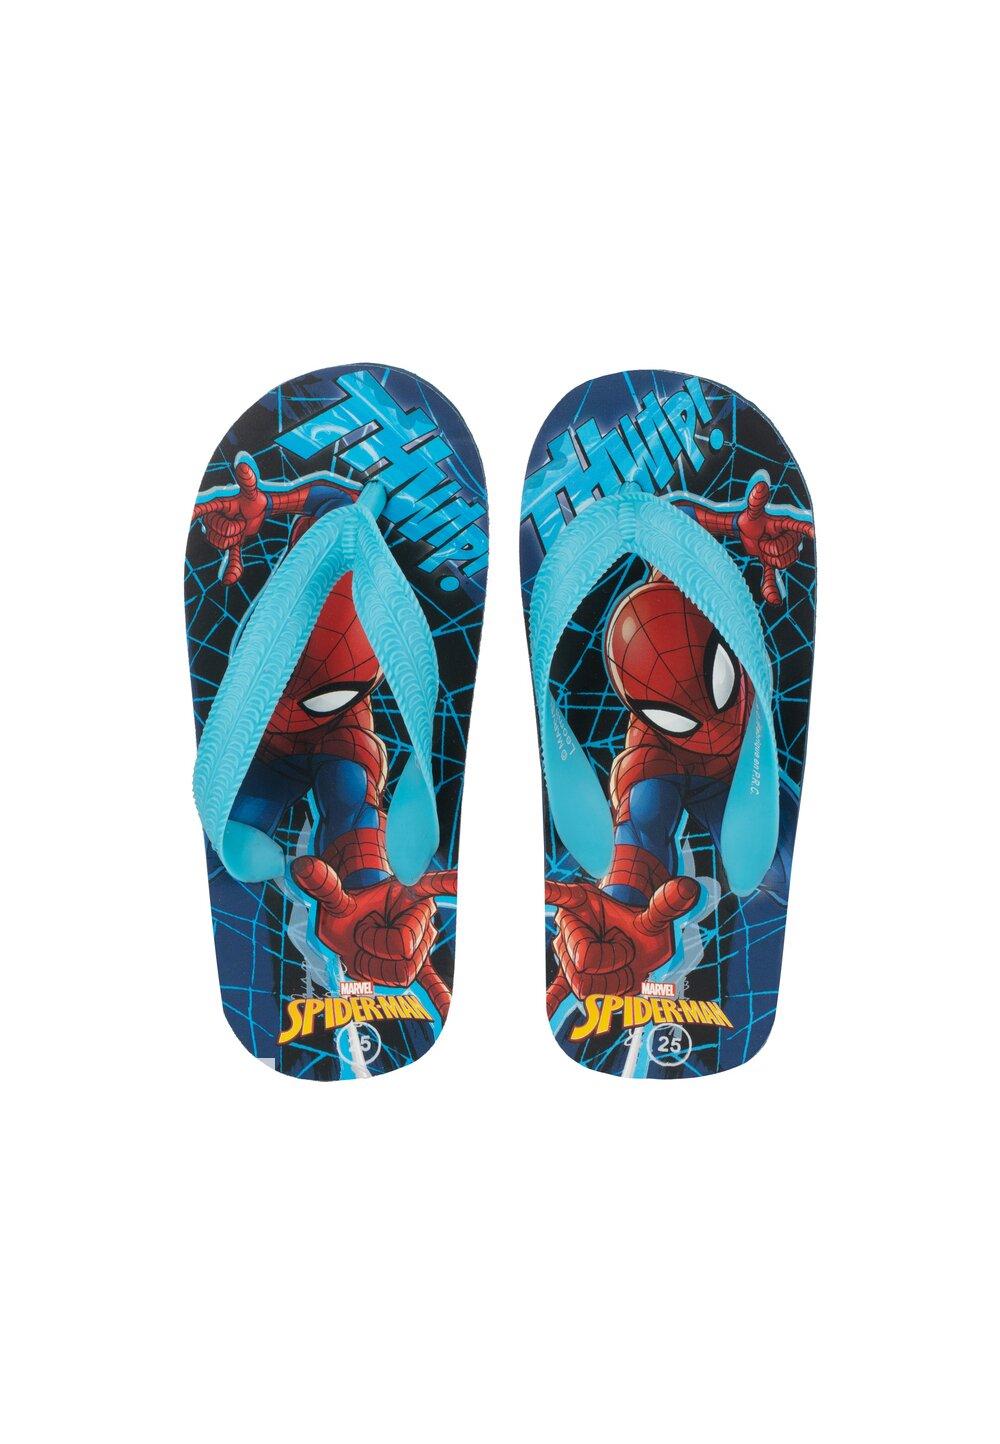 Papuci flip-flop, Spider-man, bluemarin imagine